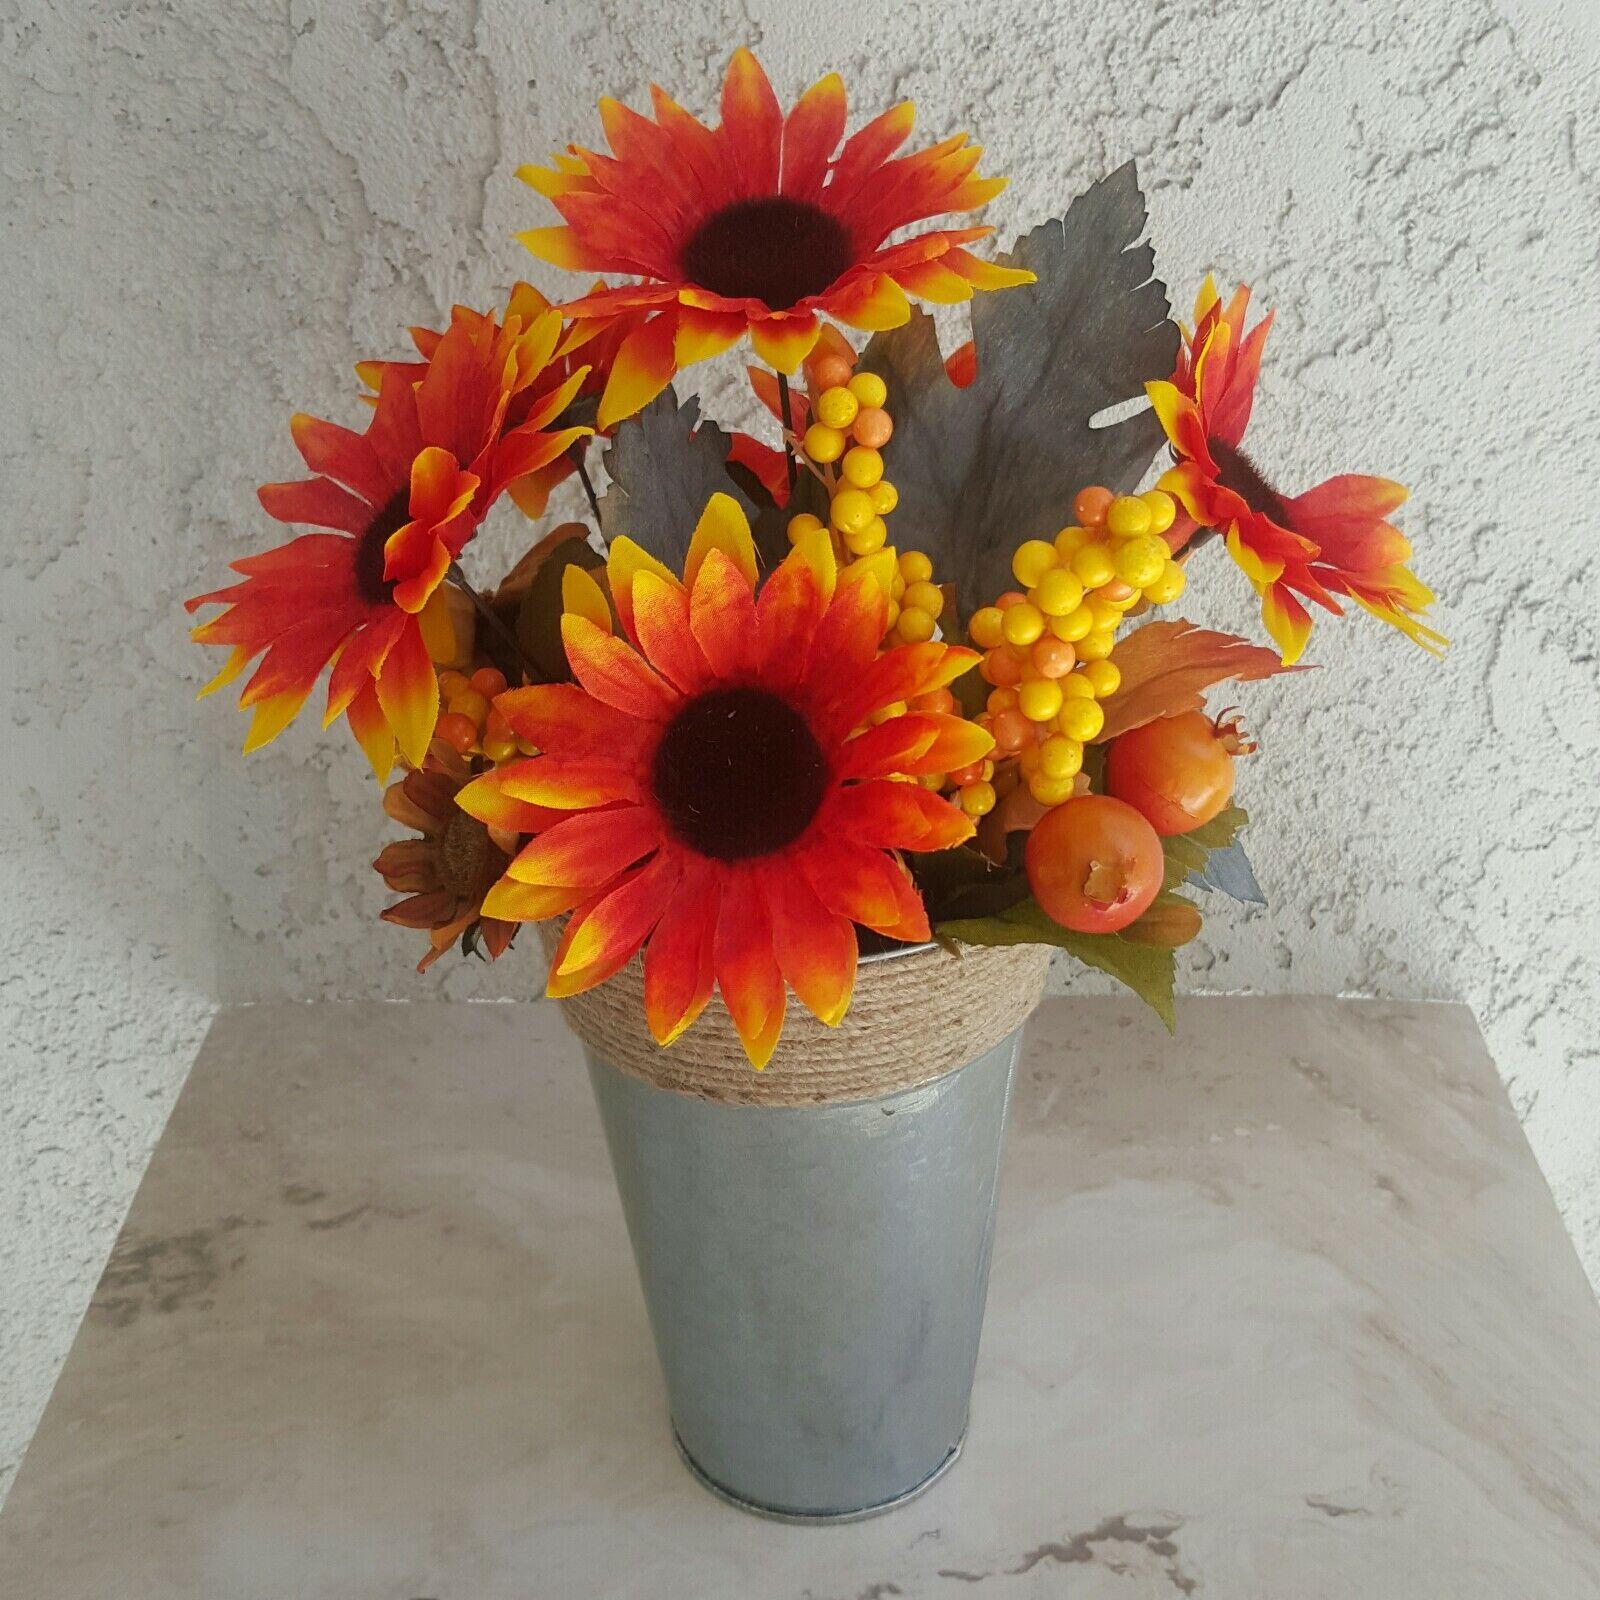 Rustic Autumn Floral Centerpiece Farm House Style Fall Round Arrangement For Sale Online